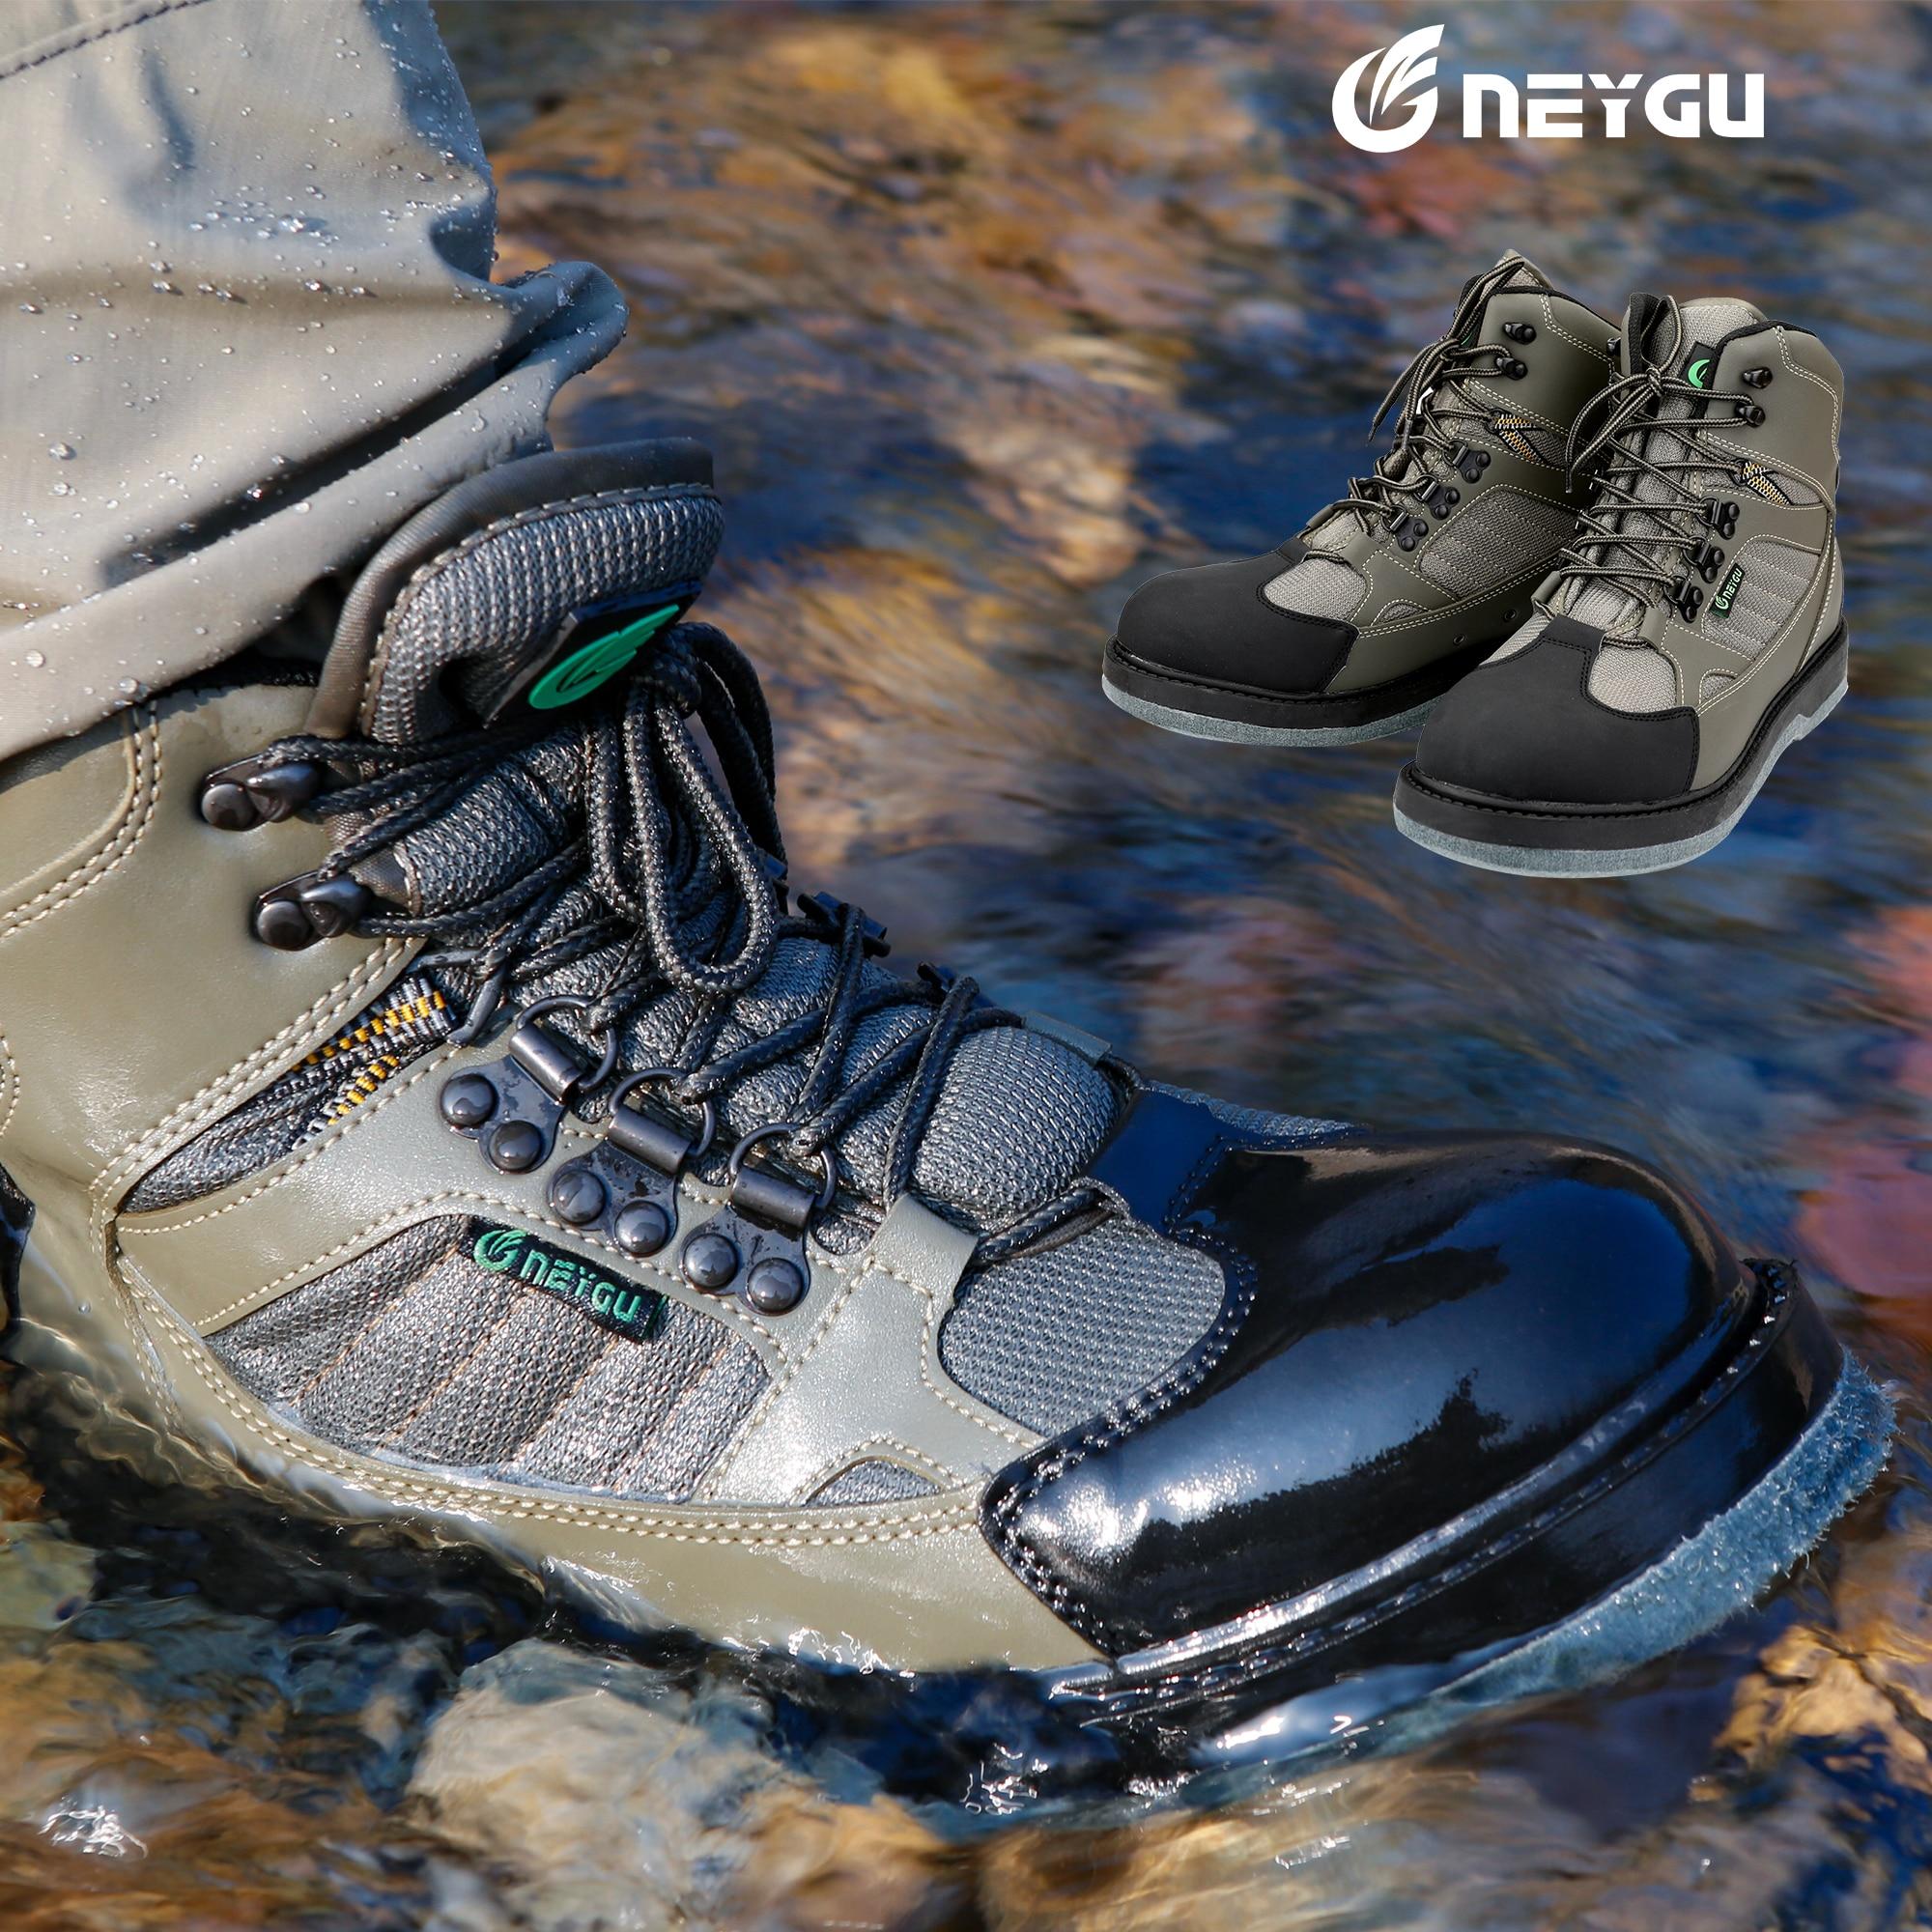 Bottes en amont Neygu avec semelle en feutre, en tissu à séchage rapide. Les bottes Aqua peuvent être utilisées en camping, en chasse.